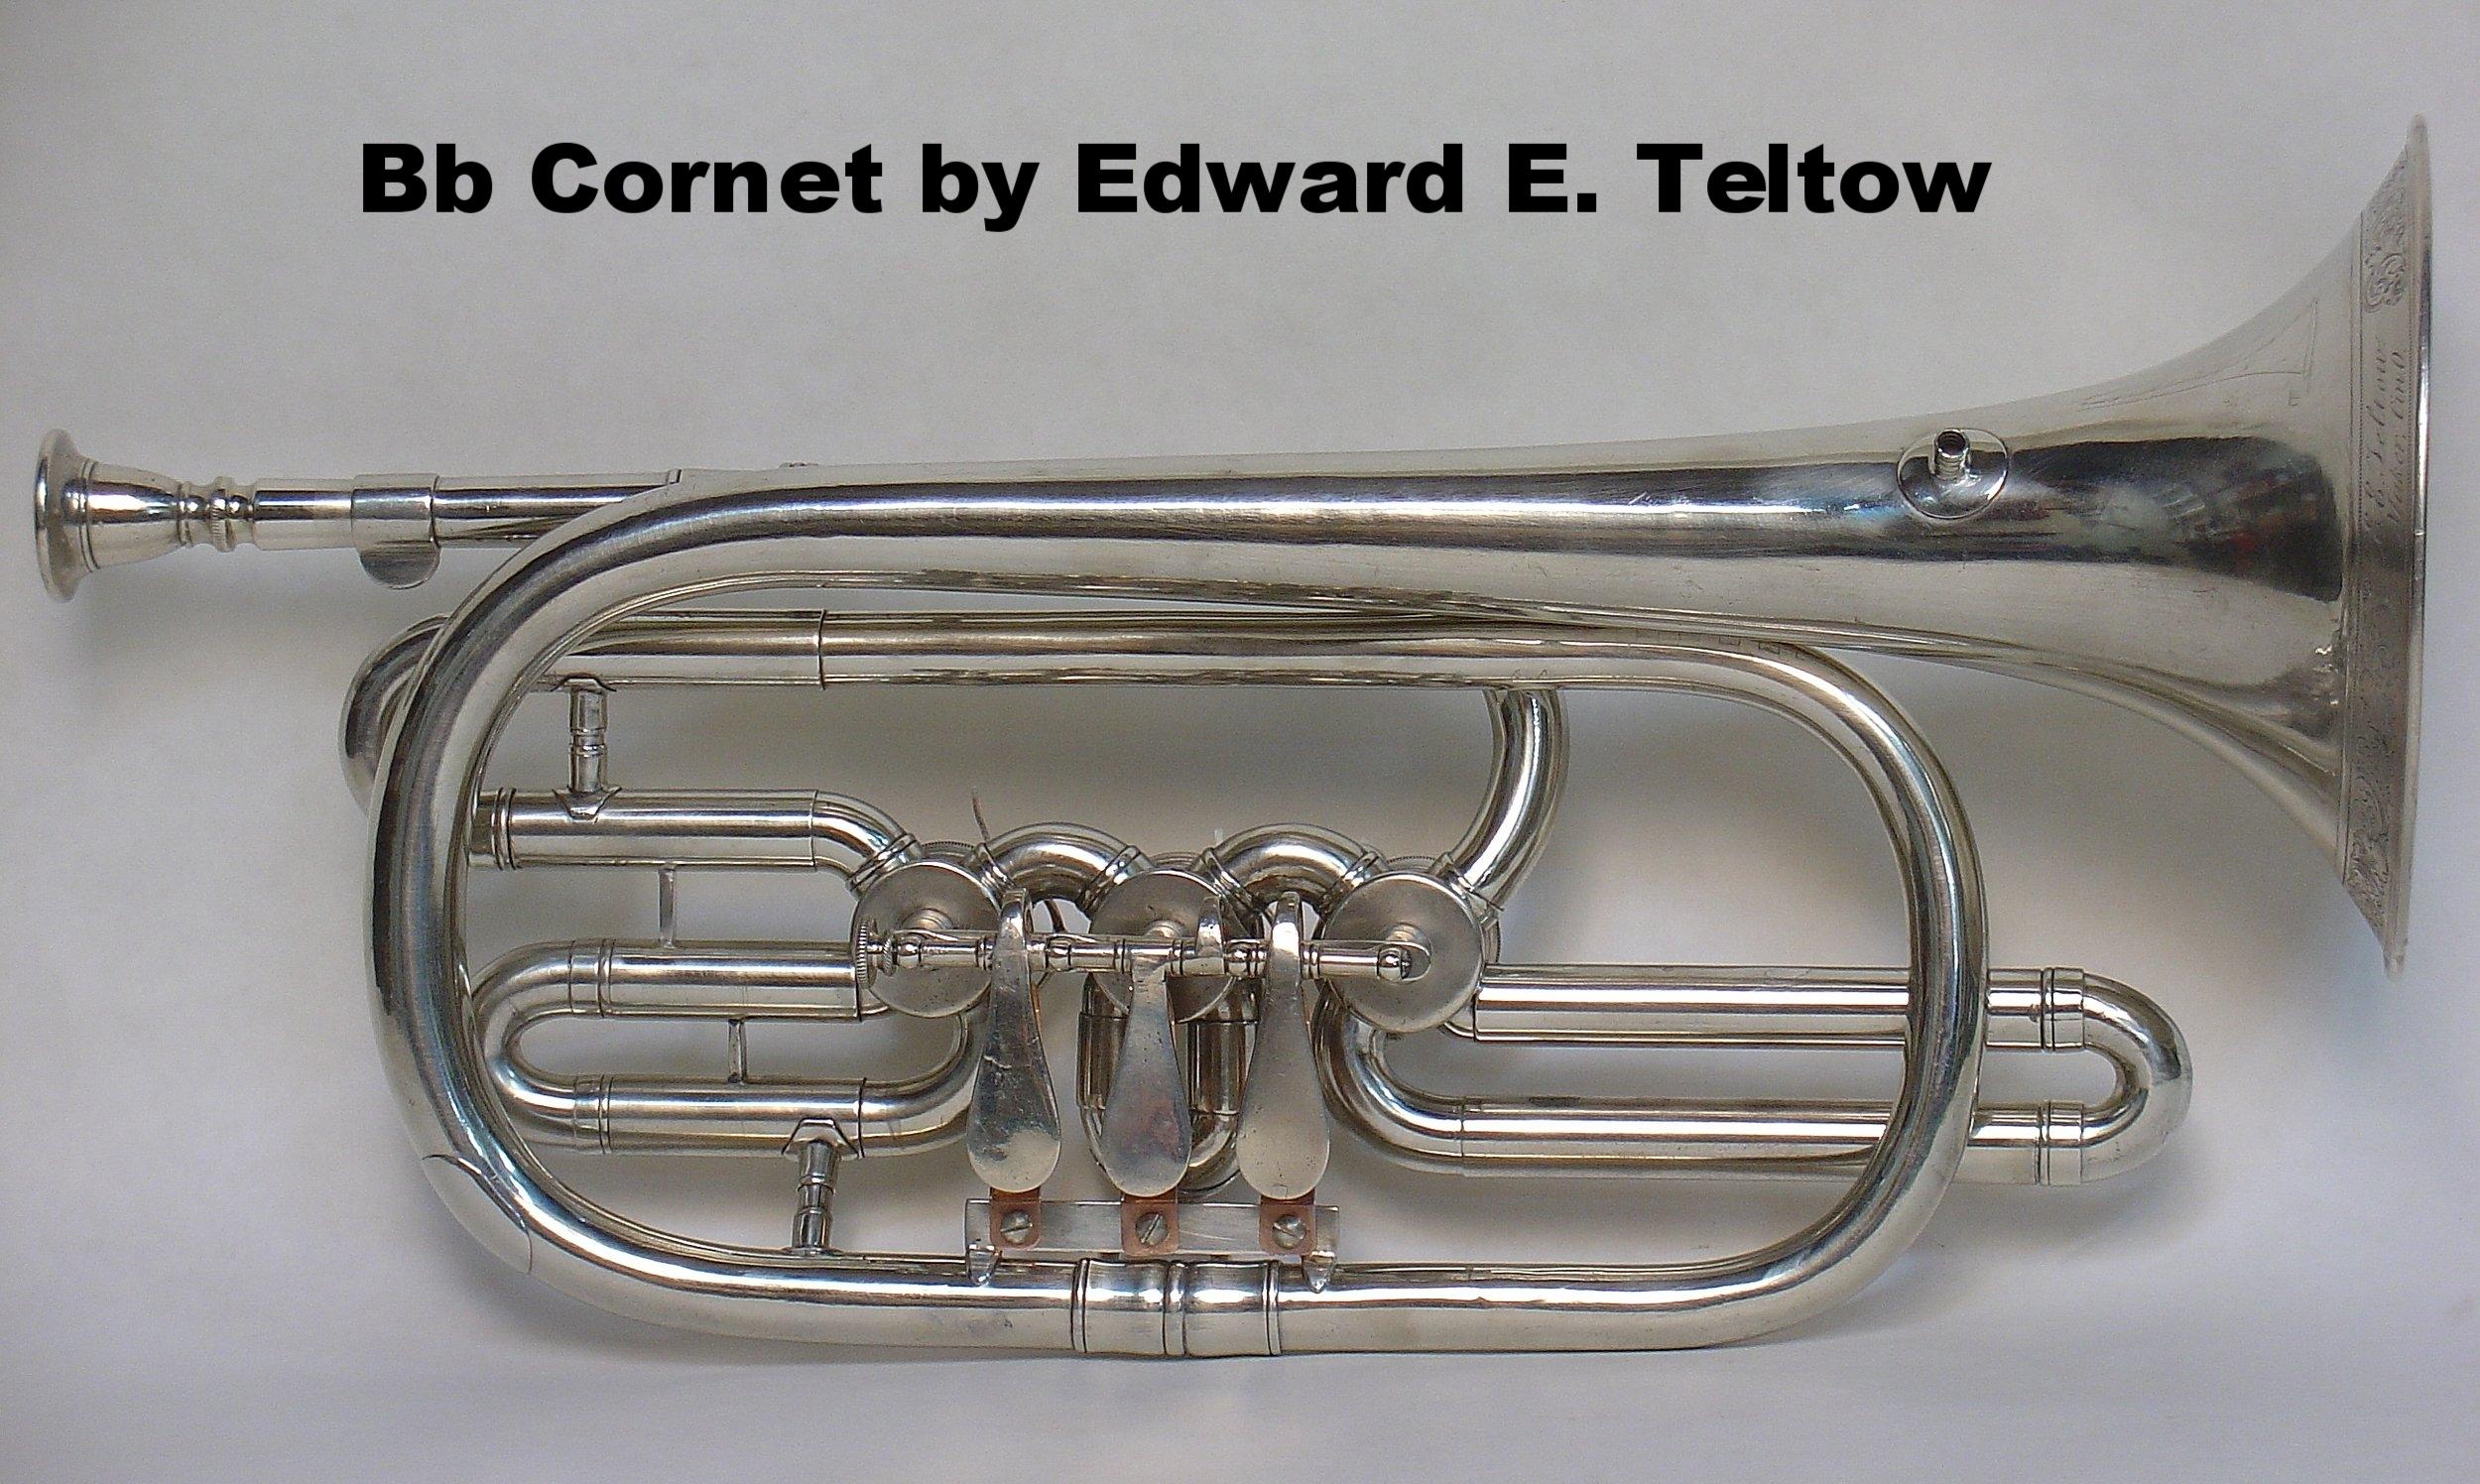 Bb Cornet by Edward E. Teltow